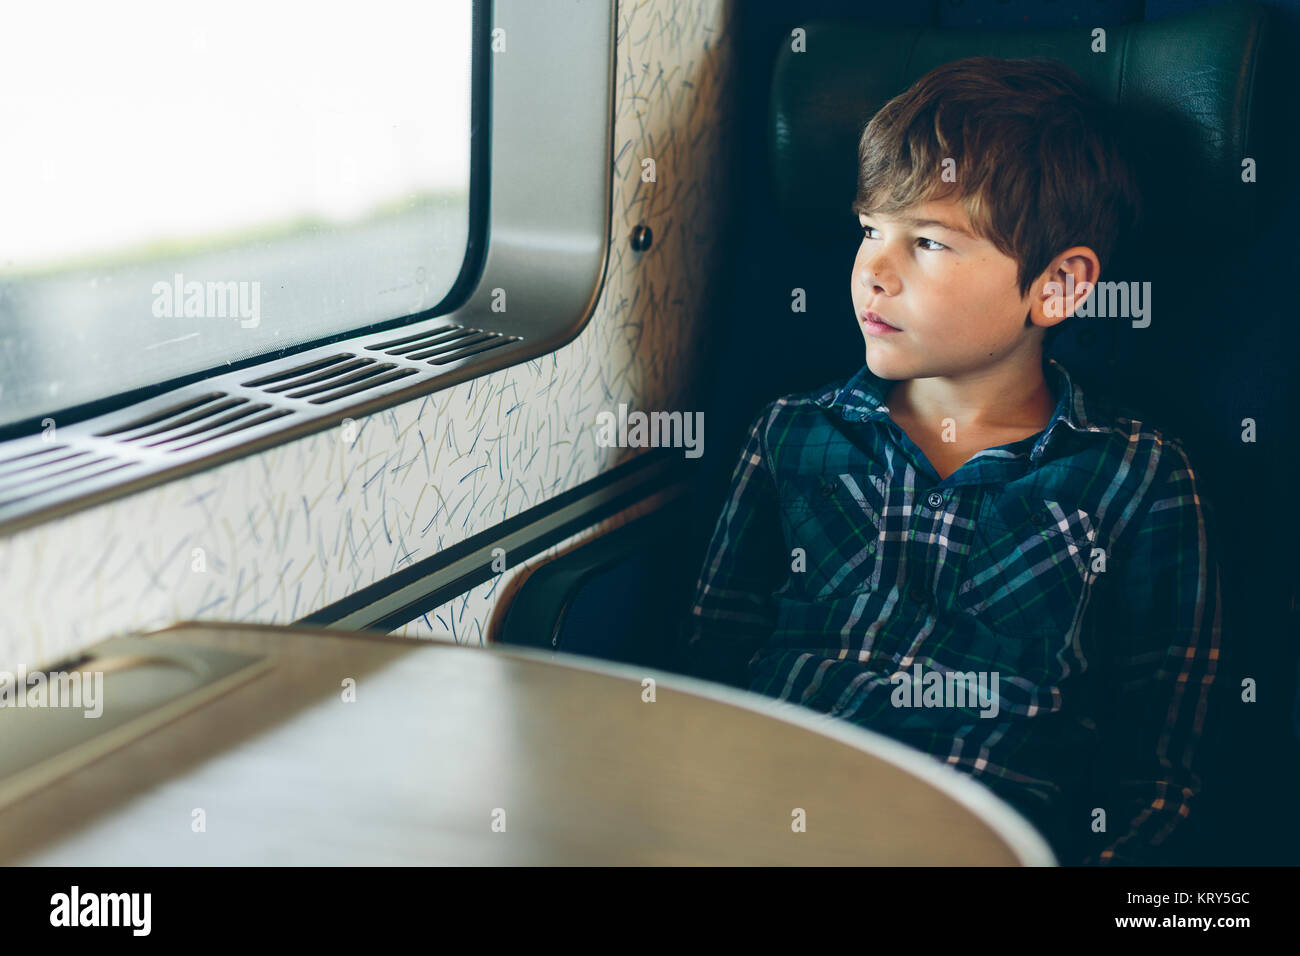 Un joven viaja en un tren Imagen De Stock